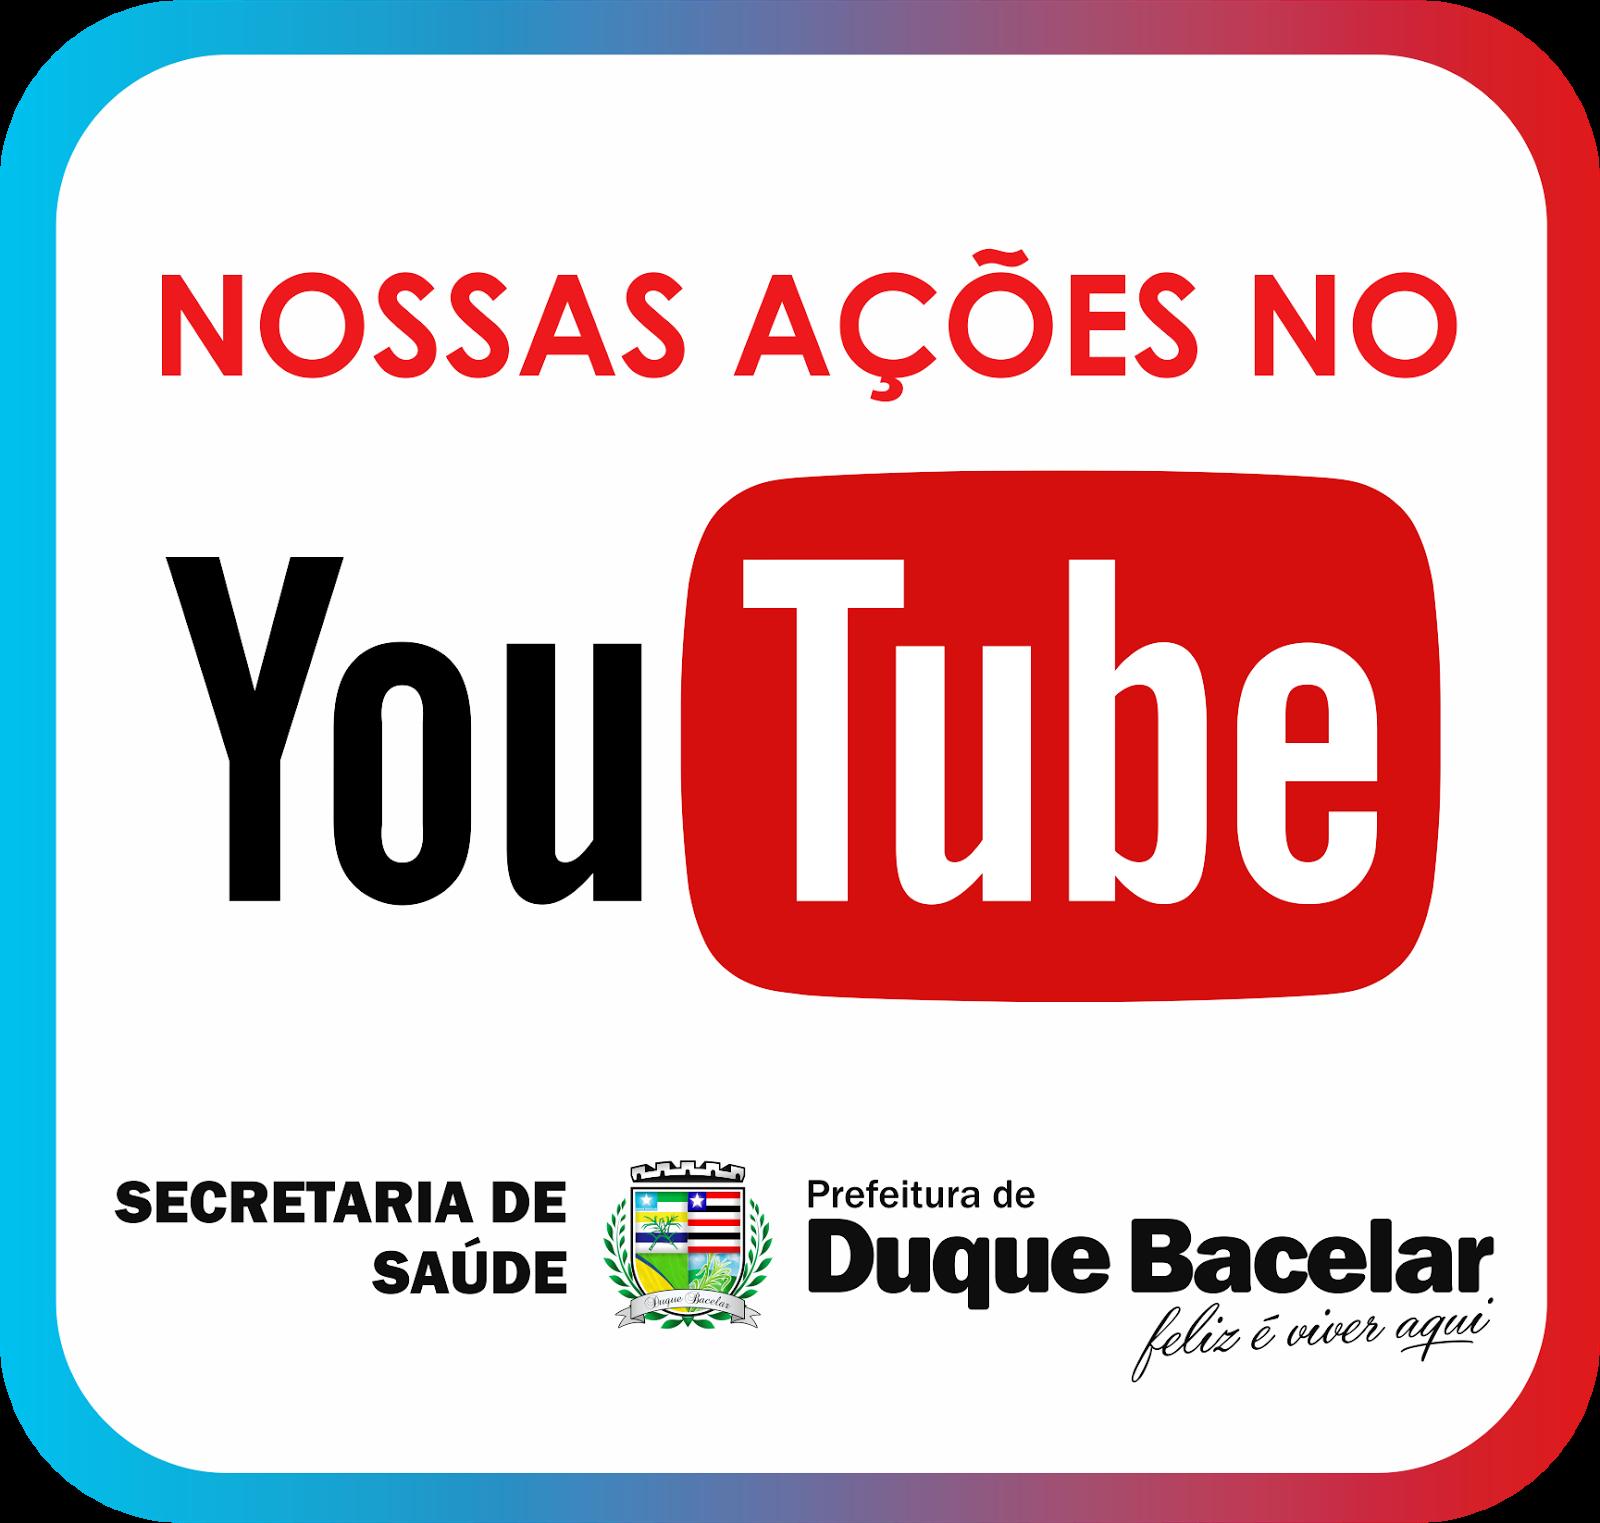 NOSSAS AÇÕES NO YOUTUBE